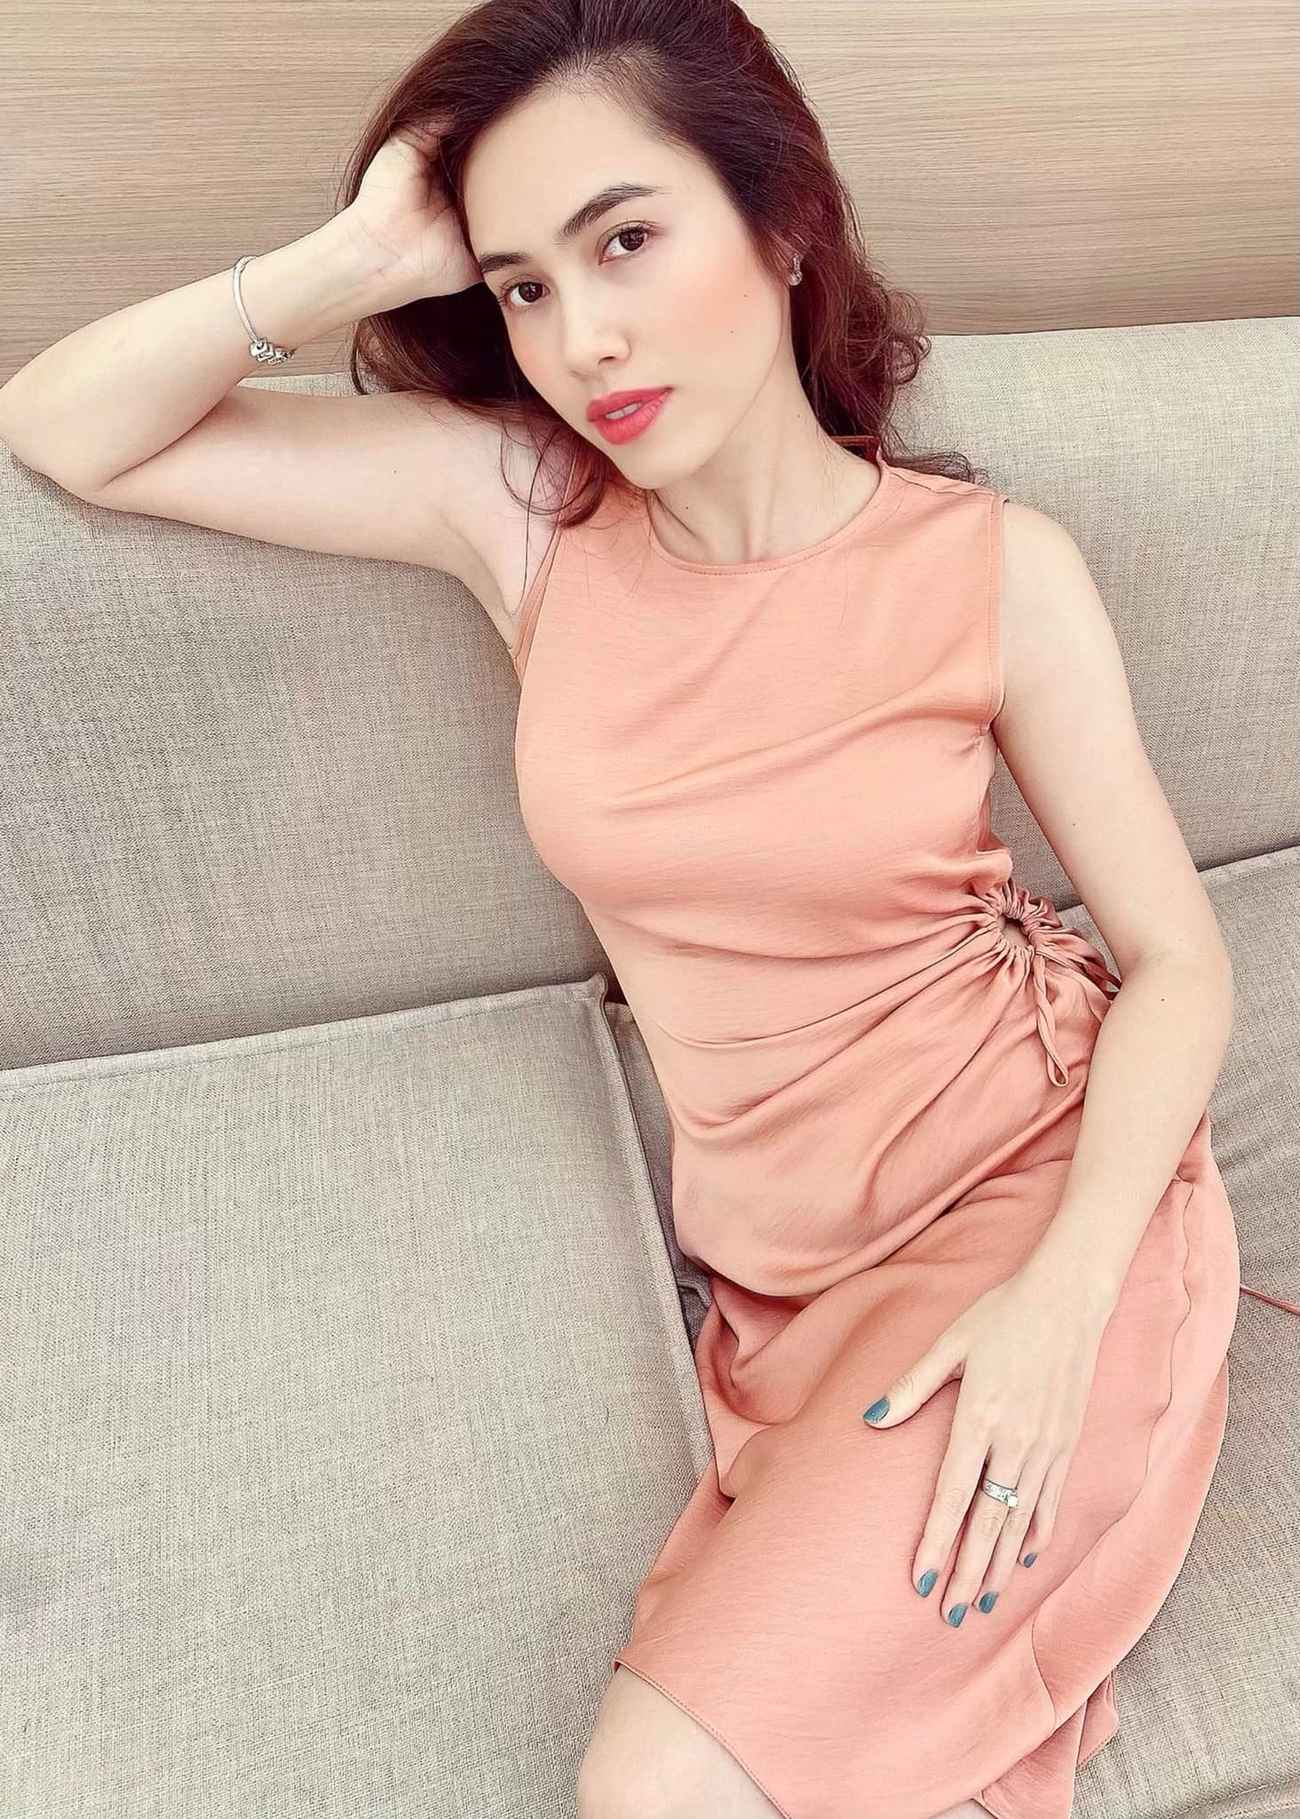 Dàn Hoa hậu, Á hậu chia sẻ cảm xúc đặc biệt trước khi chia tay năm 2020 đầy biến động ảnh 8